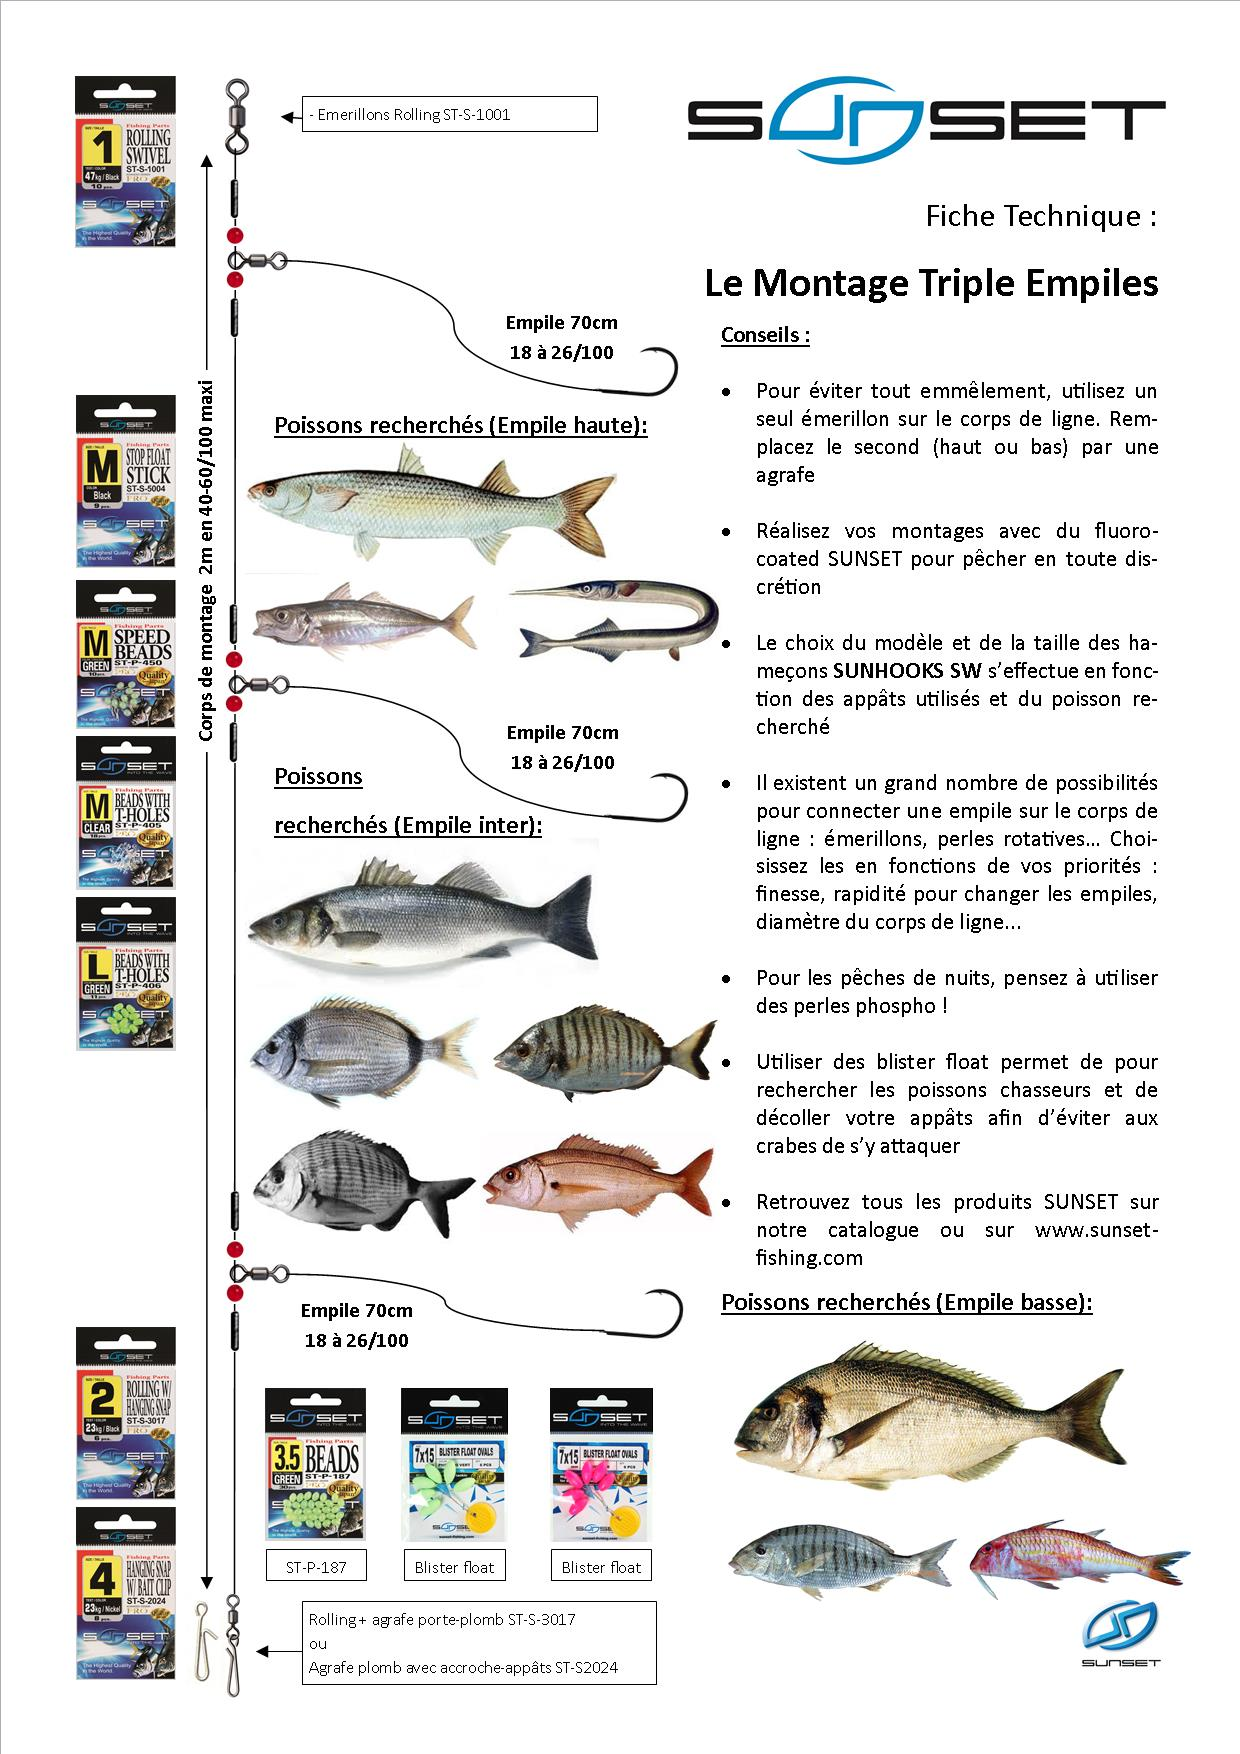 2-LE MONTAGE TRIPLE EMPILES.jpg